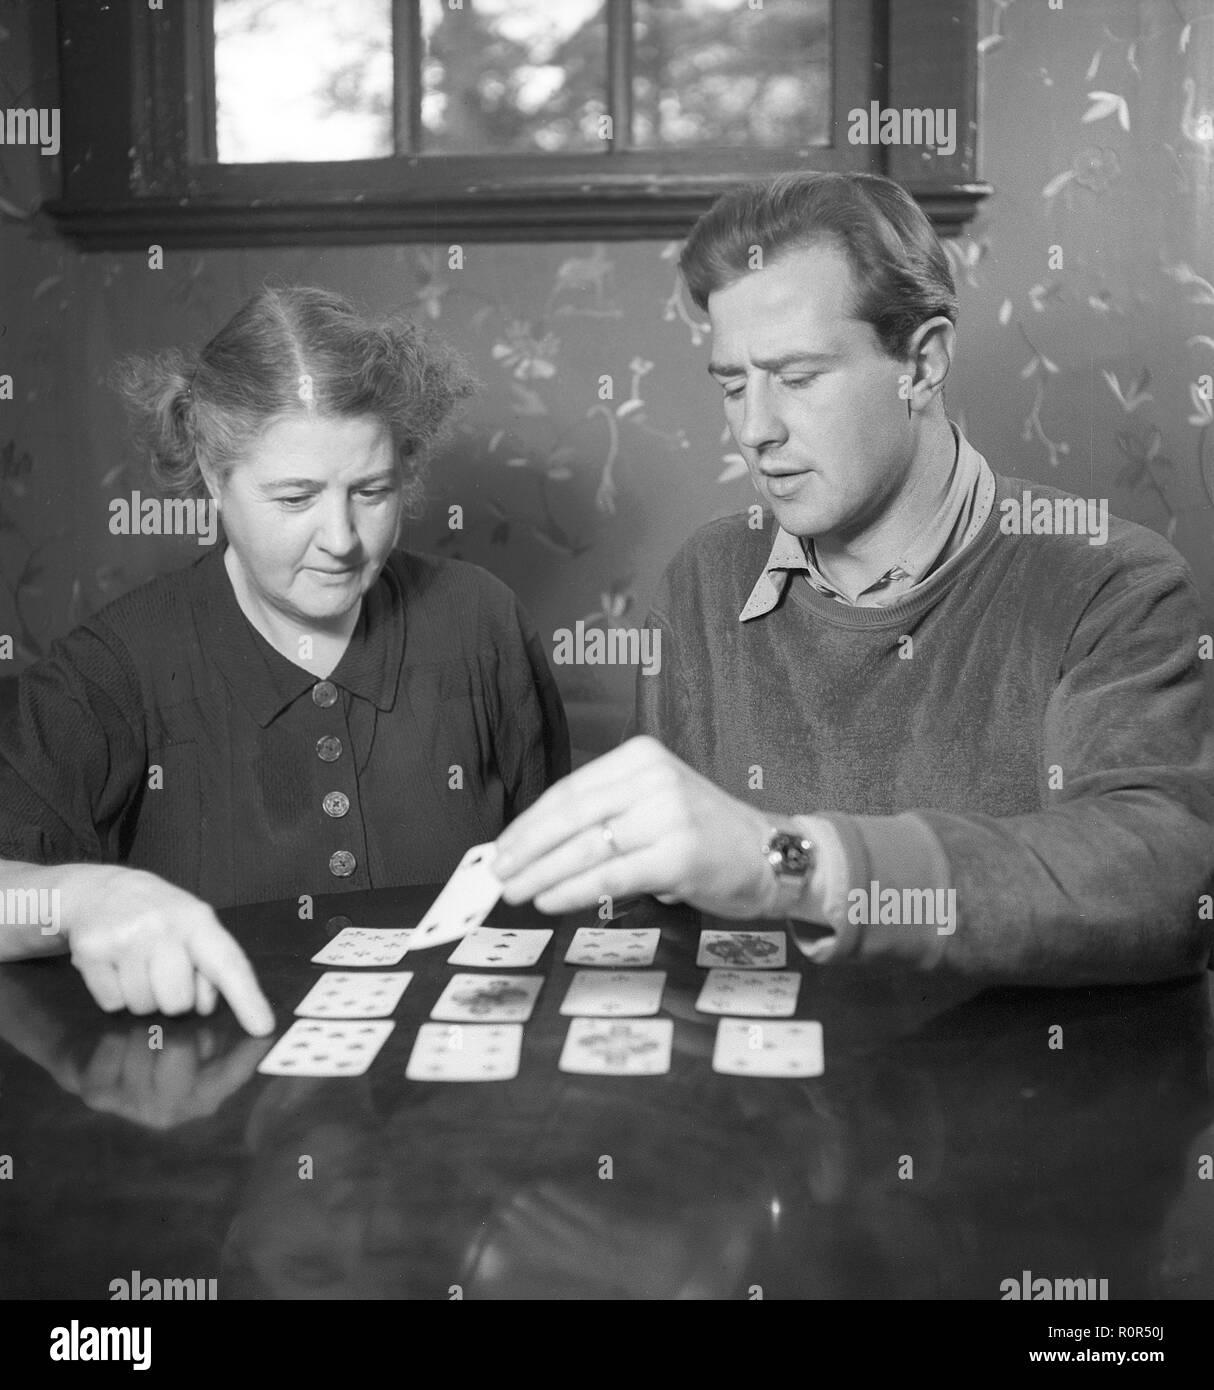 Spielen Solitär in den 1940er Jahren. Schwedische europäischen Boxing champion Olle Tandberg, 1918-1996. Abgebildet mit seiner Mutter spielen Solitaire. Schweden 1940. Foto Kristoffersson Ref B140-1 Stockbild